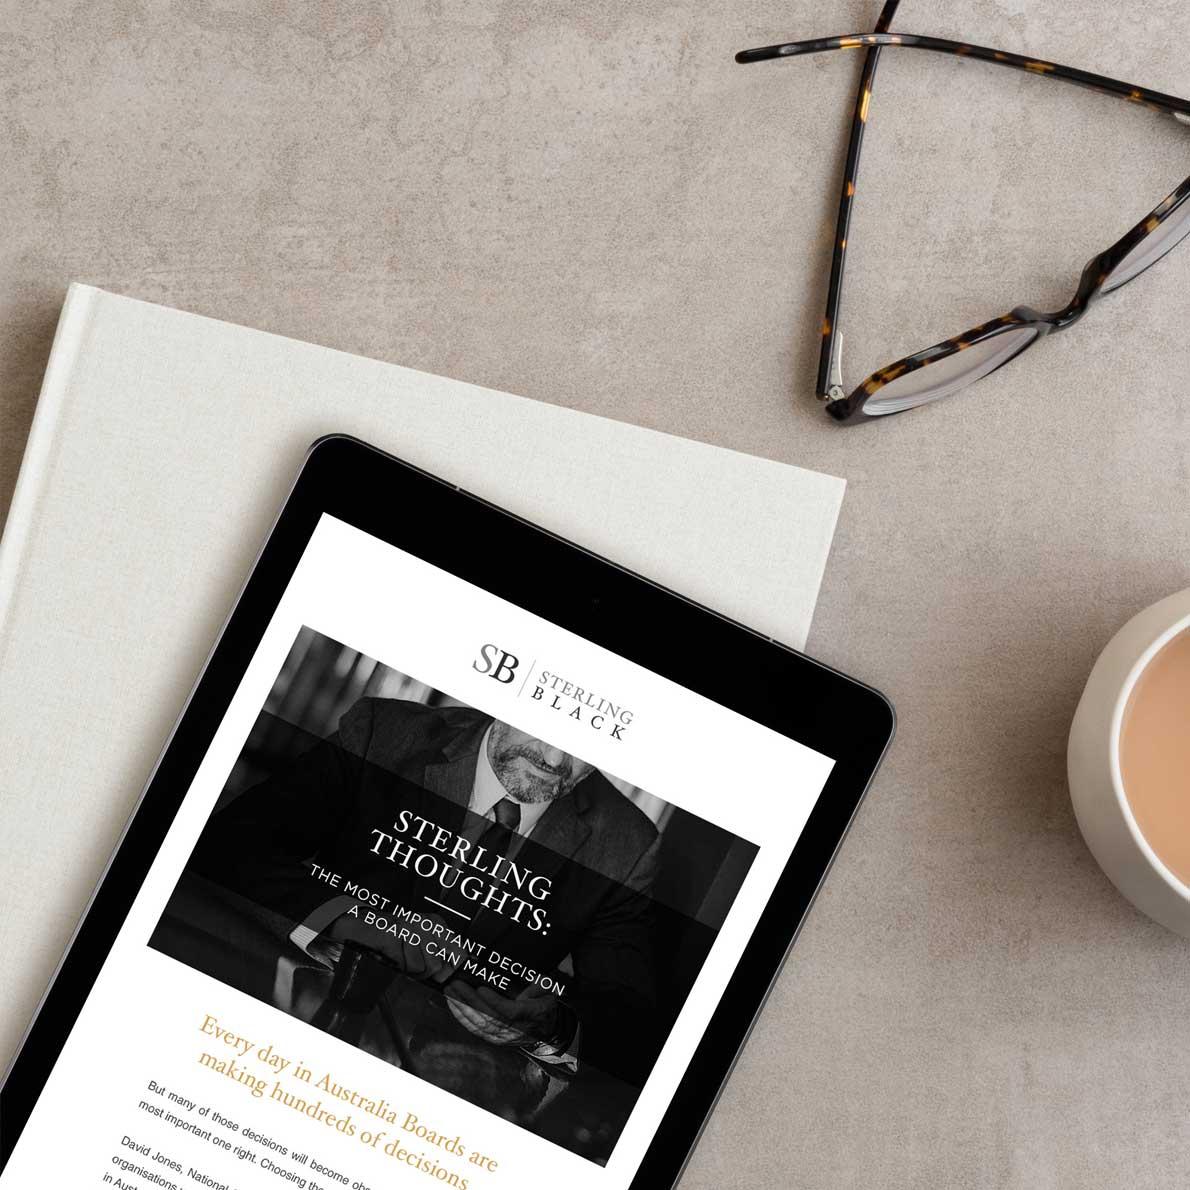 Sterling Black website design by Alphabetsy